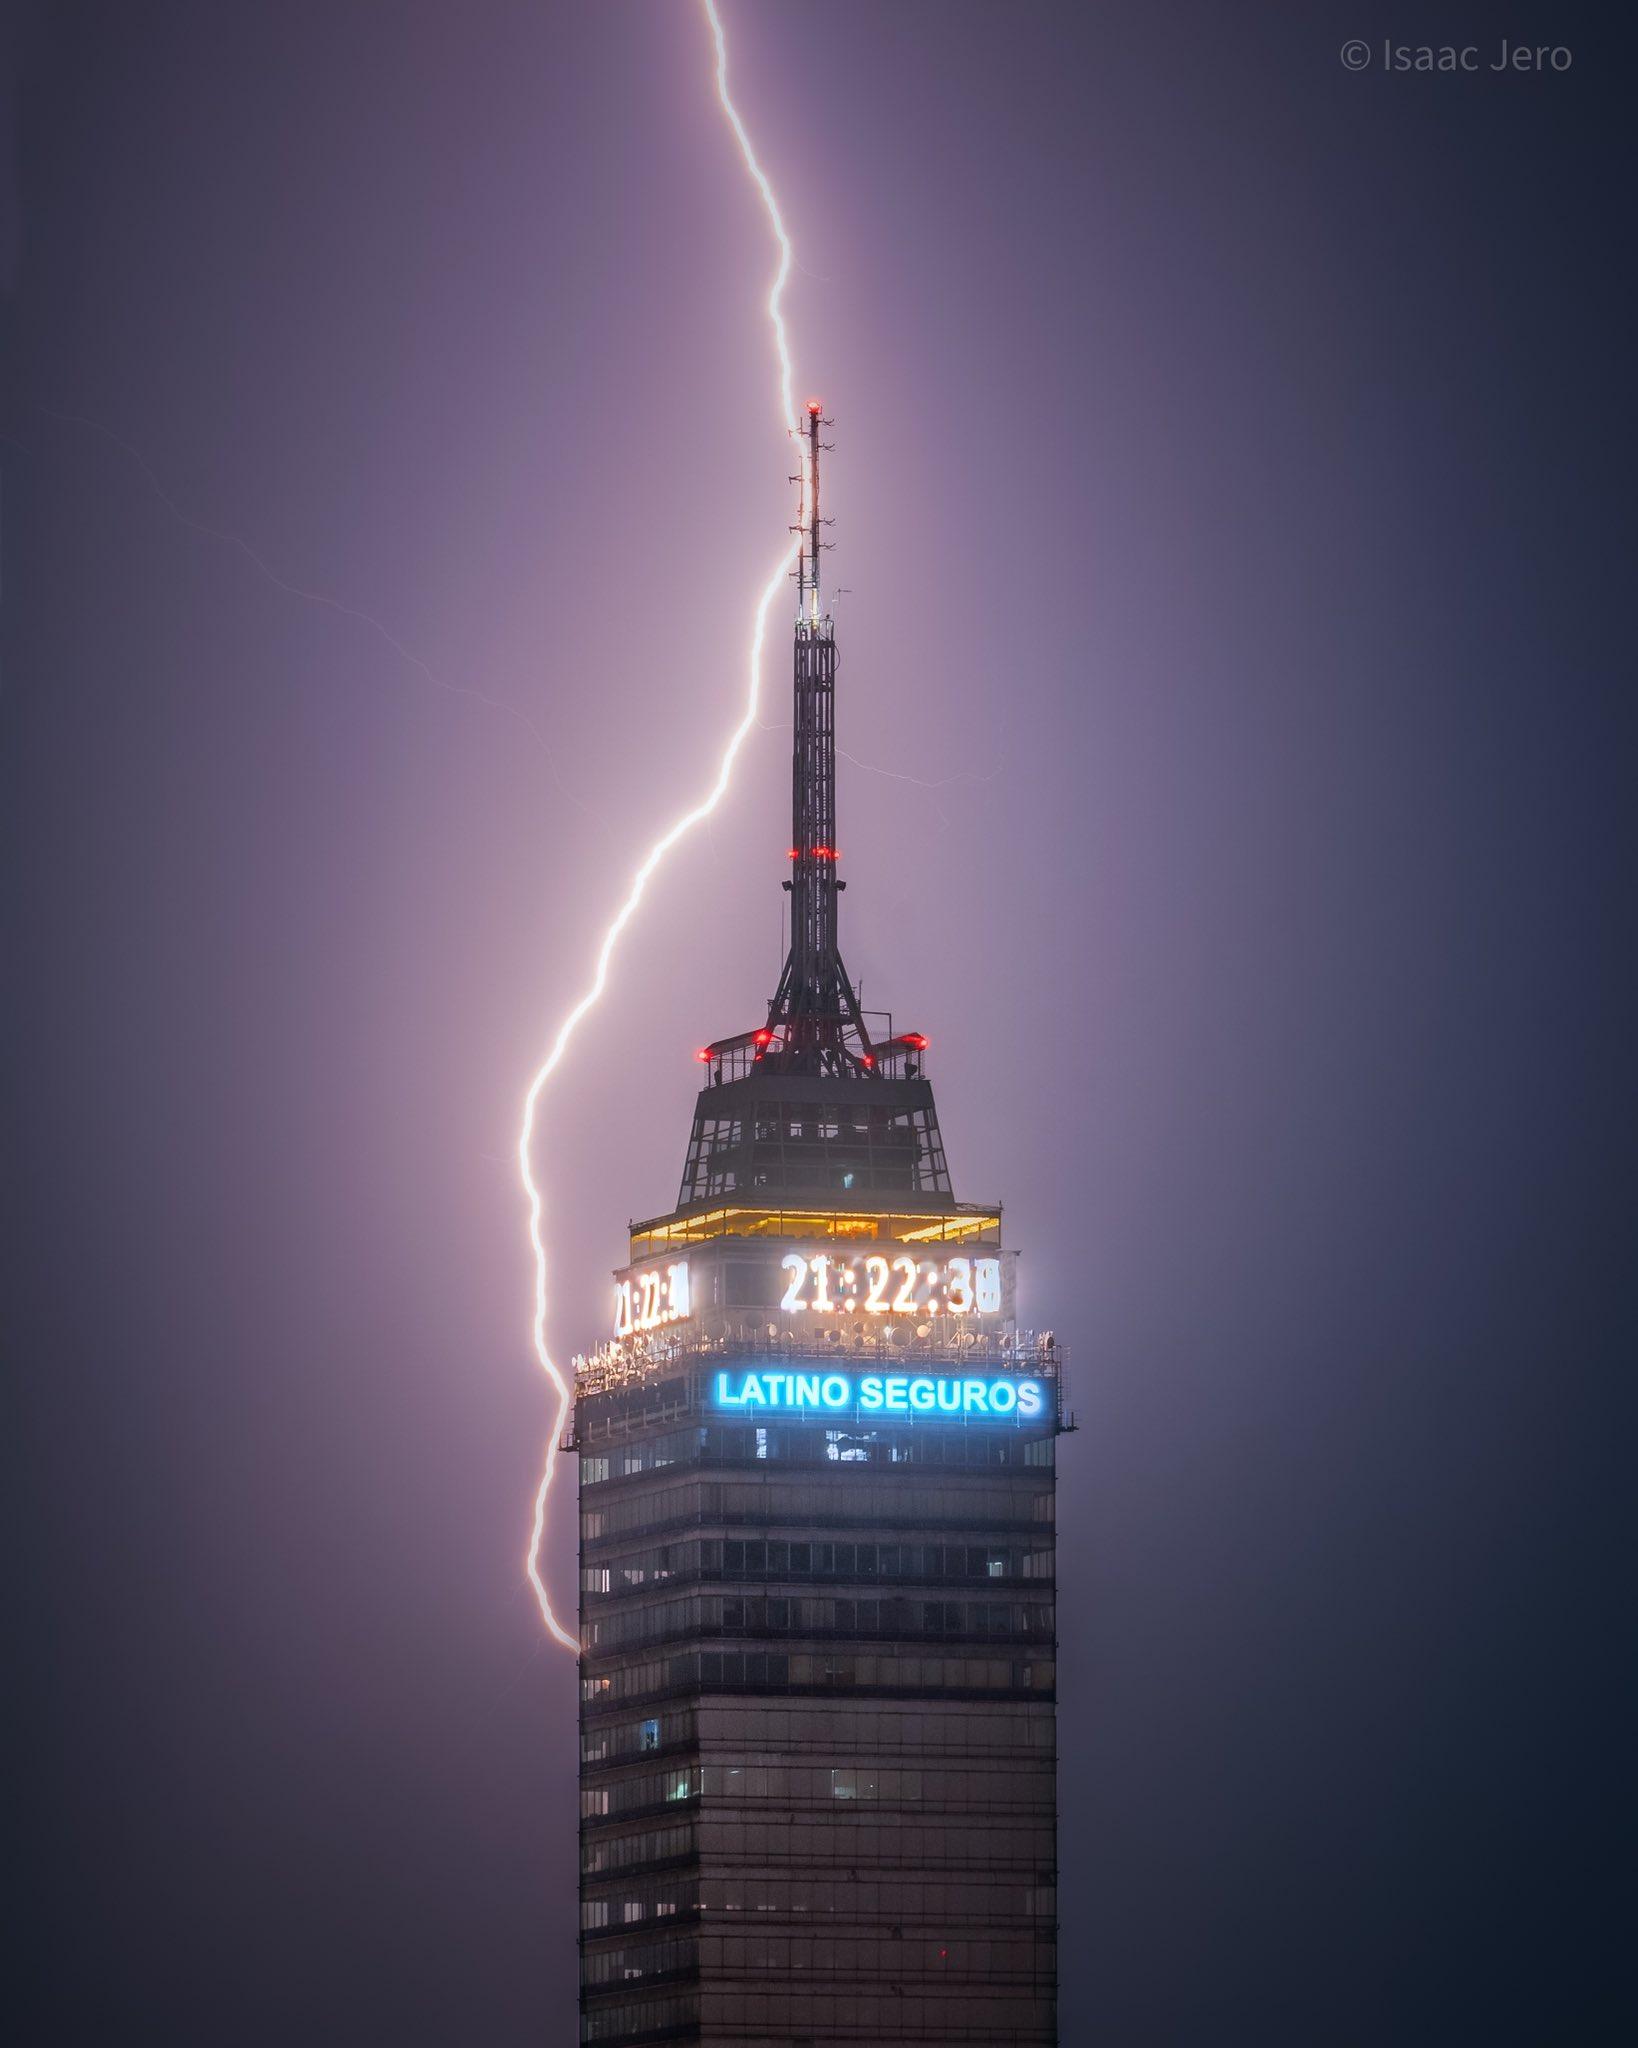 Usuario comparte foto de relámpago en Torre Latino